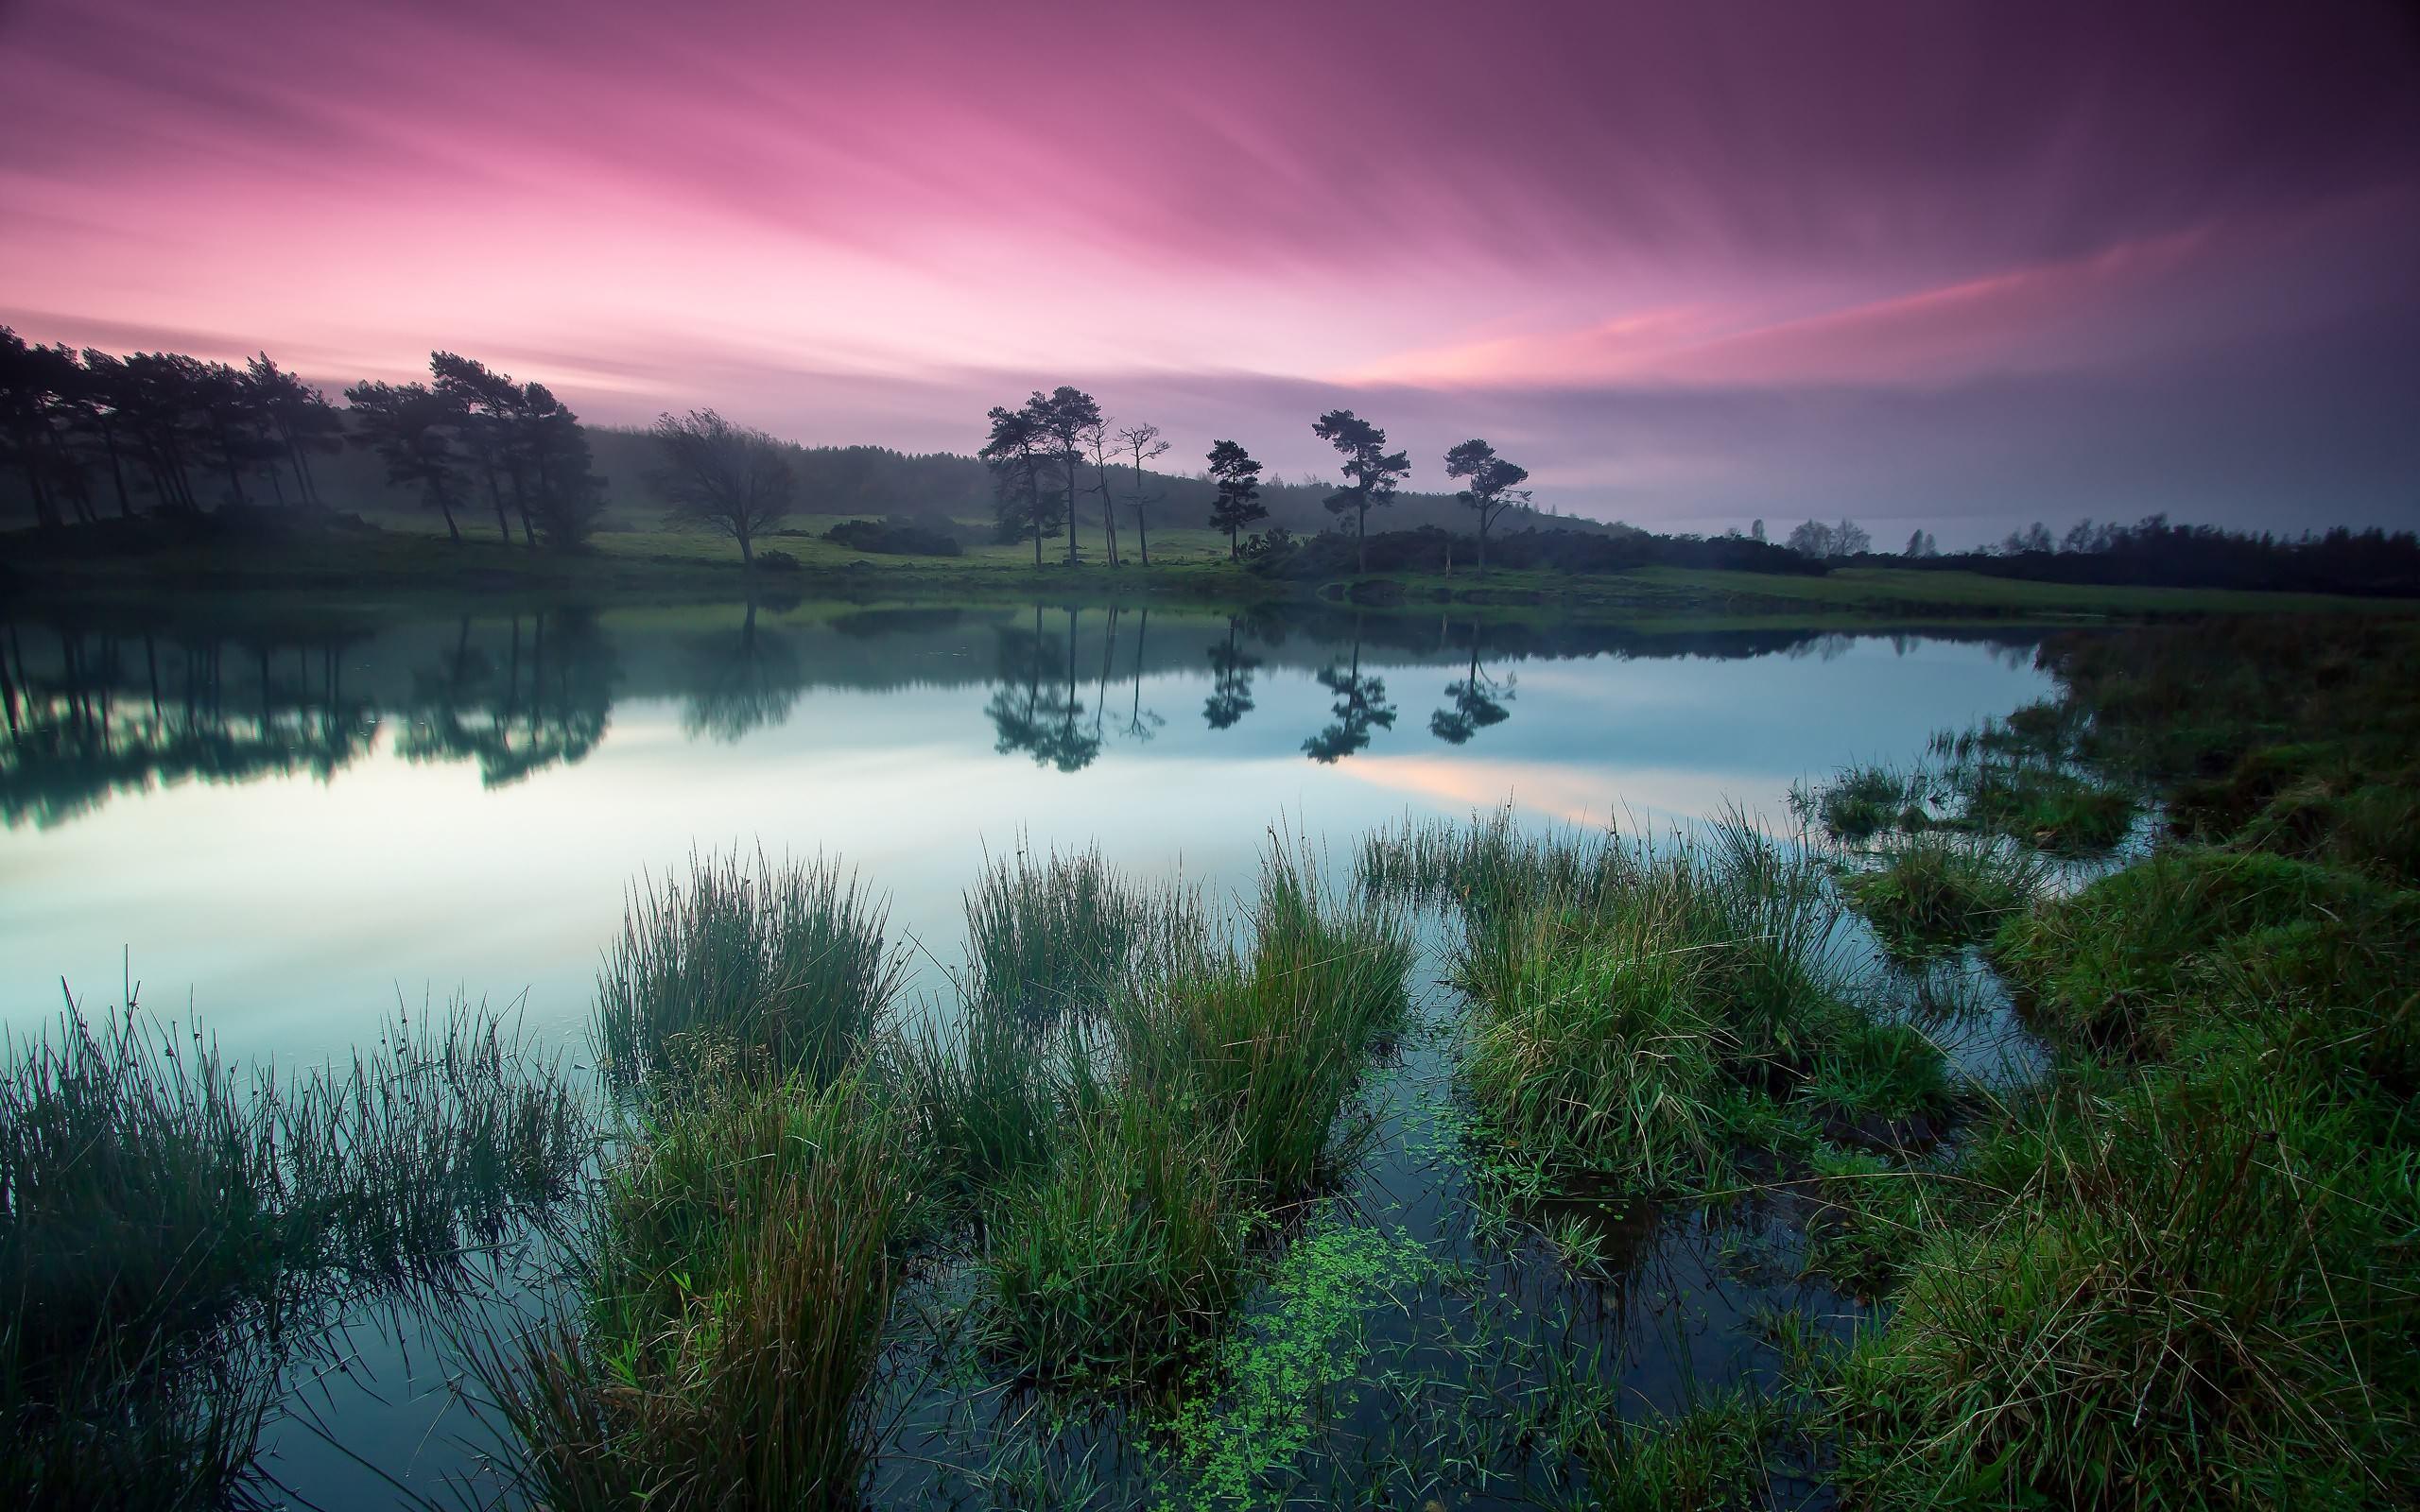 природа деревья небо озеро трава вода бесплатно